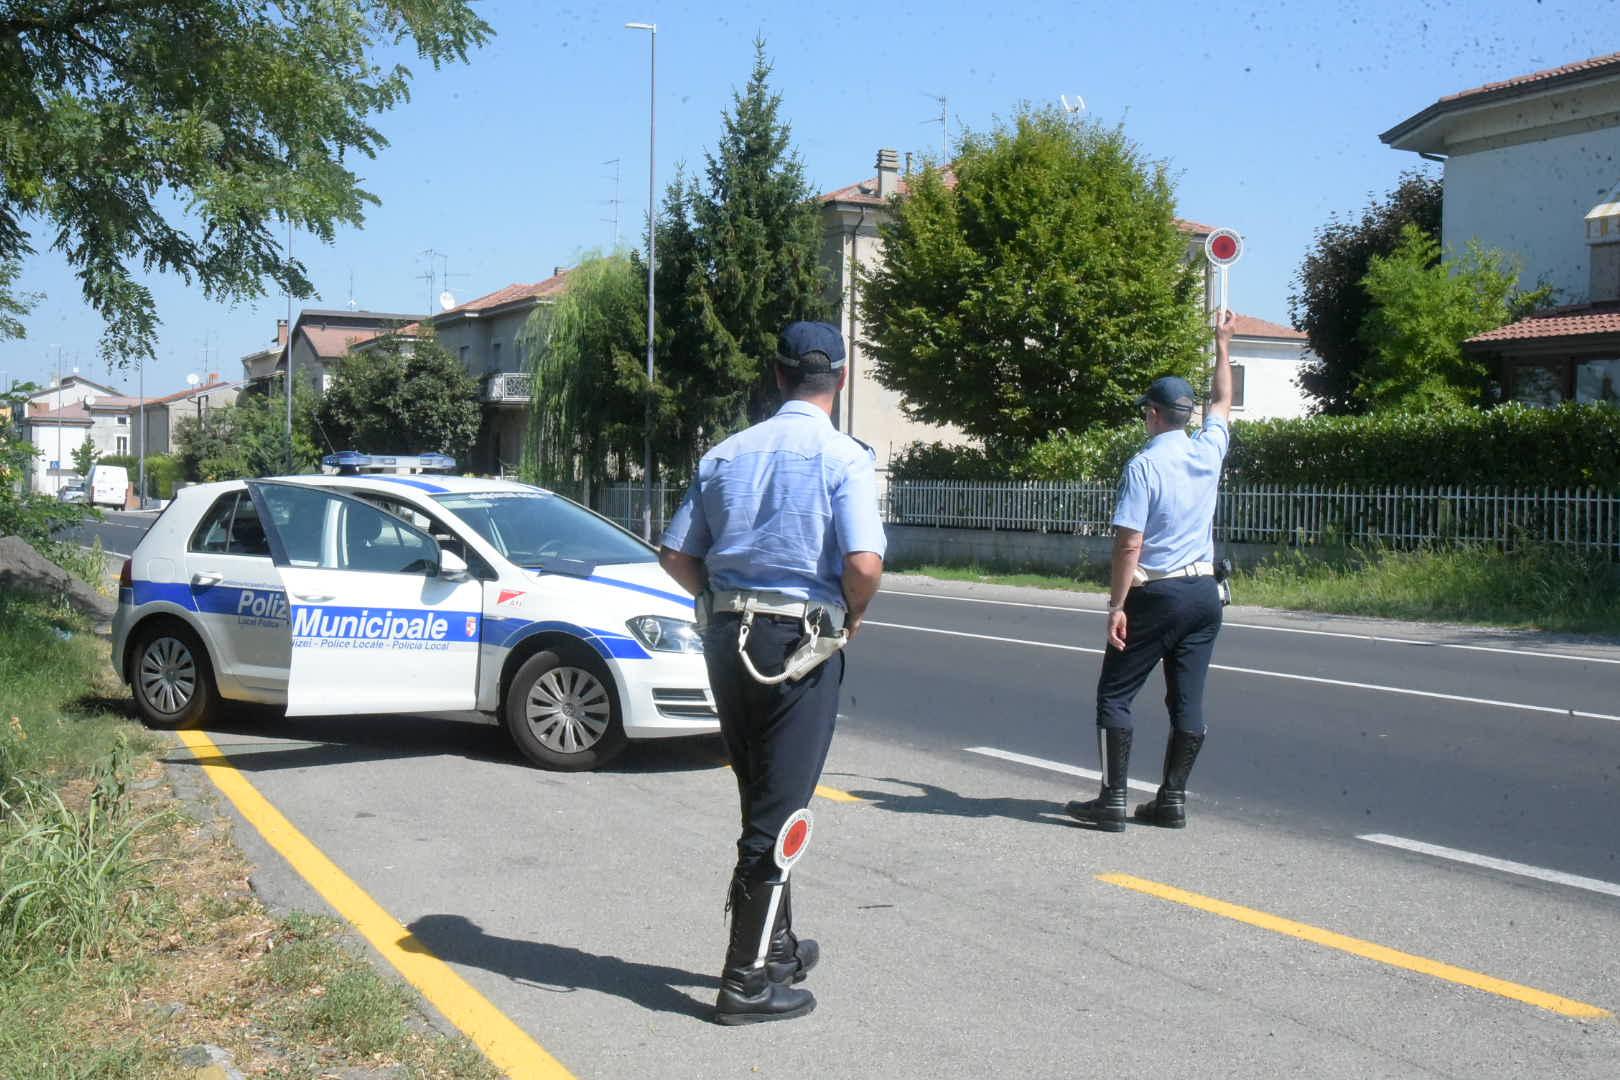 Telefonino alla guida, in agosto 40 sanzioni a Piacenza. Rilevati 97 incidenti stradali, più di tre al giorno